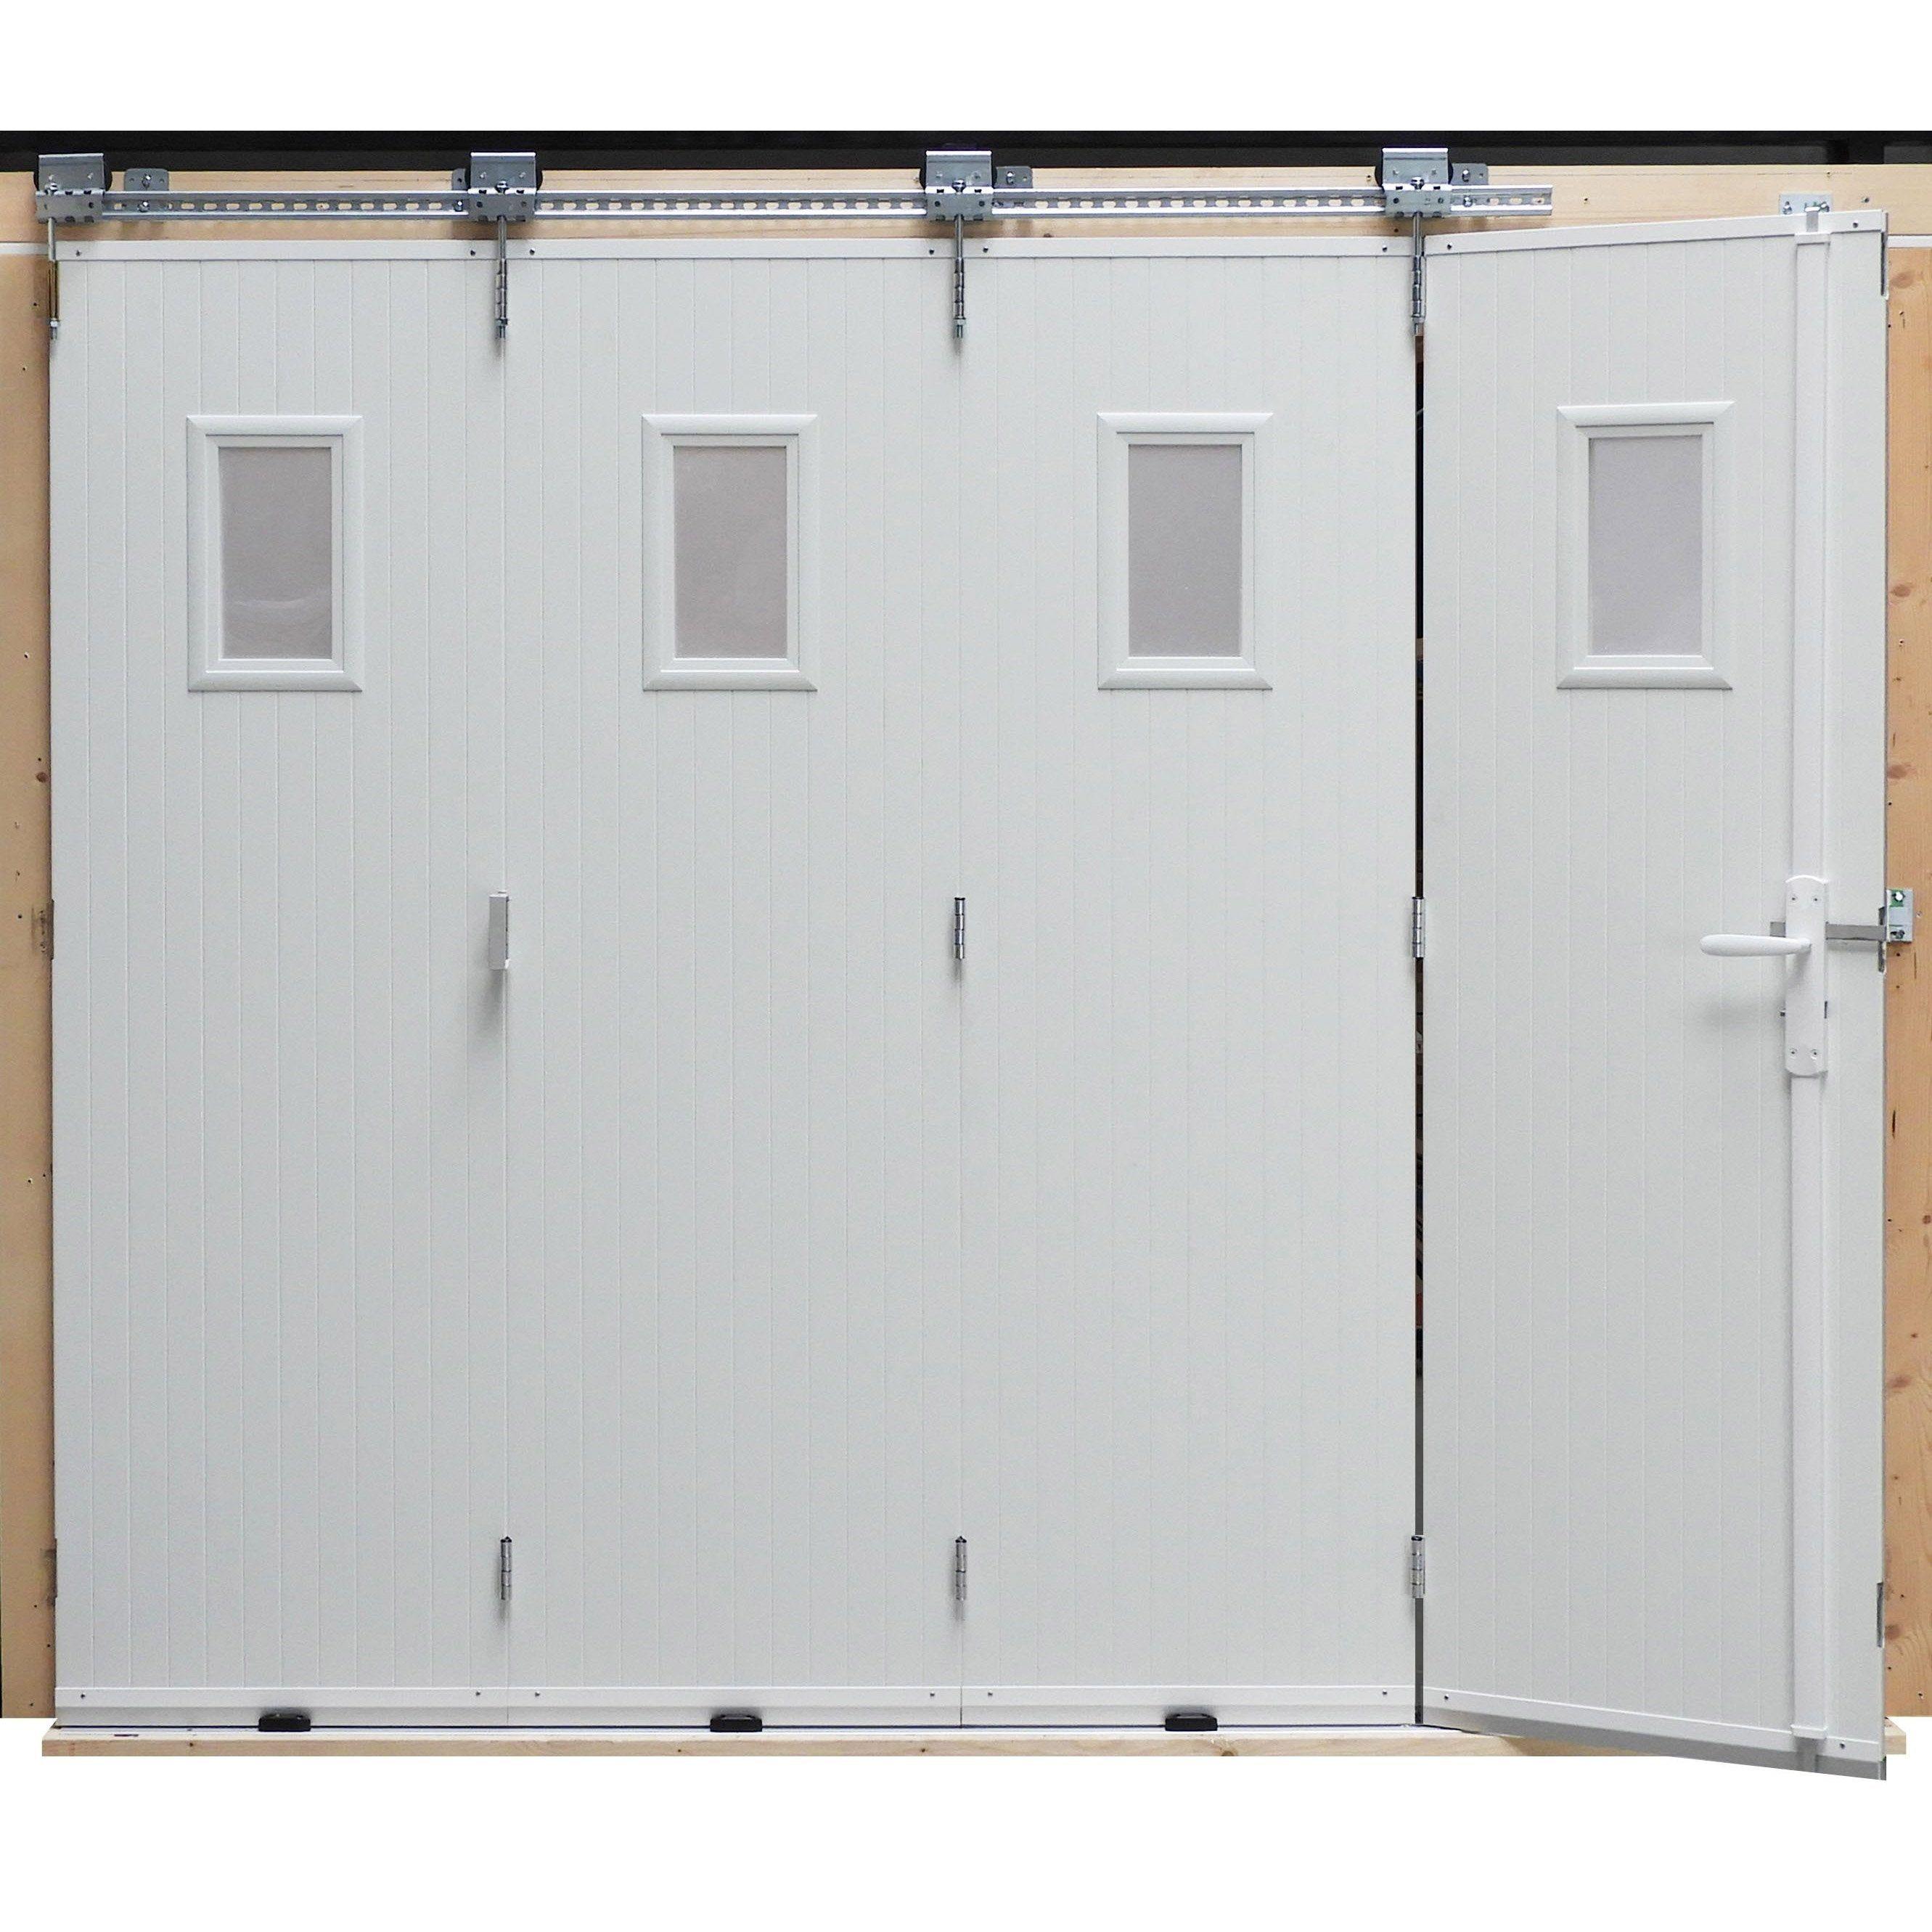 Artens Manual Sliding Garage Door In 2020 Sliding Garage Doors Garage Doors Doors